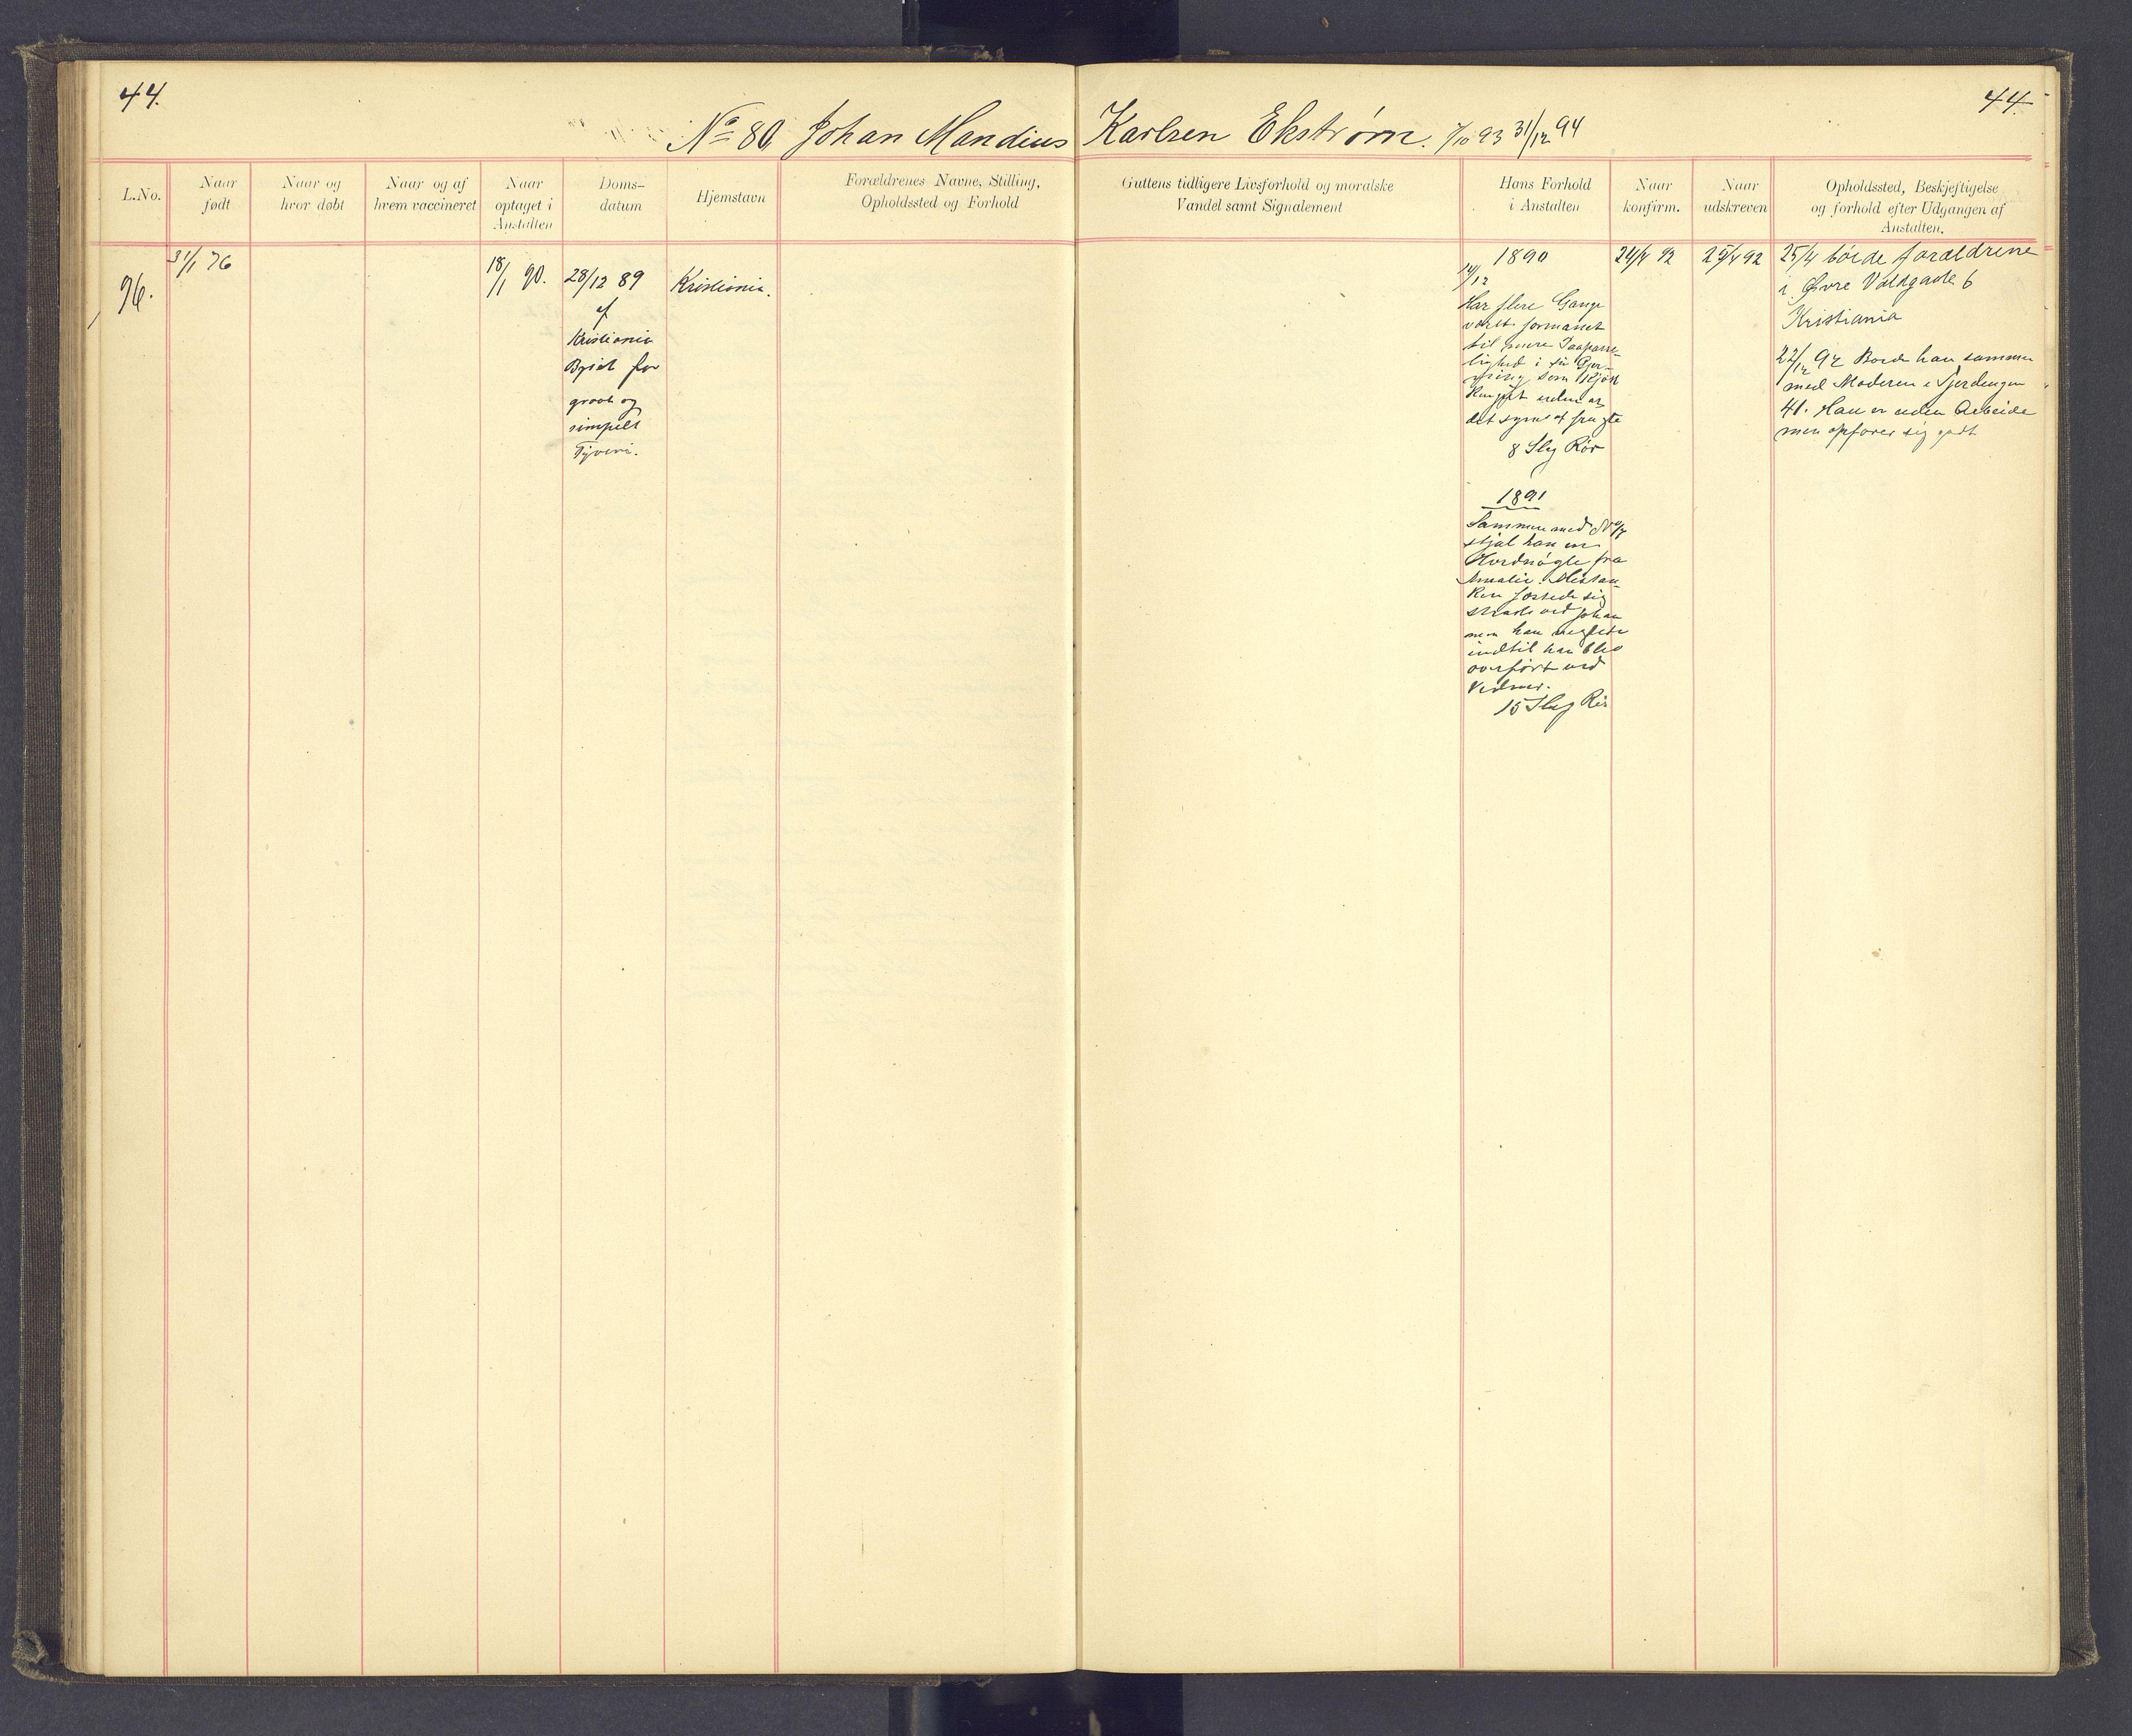 SAH, Toftes Gave, F/Fc/L0003: Elevprotokoll, 1886-1897, s. 44